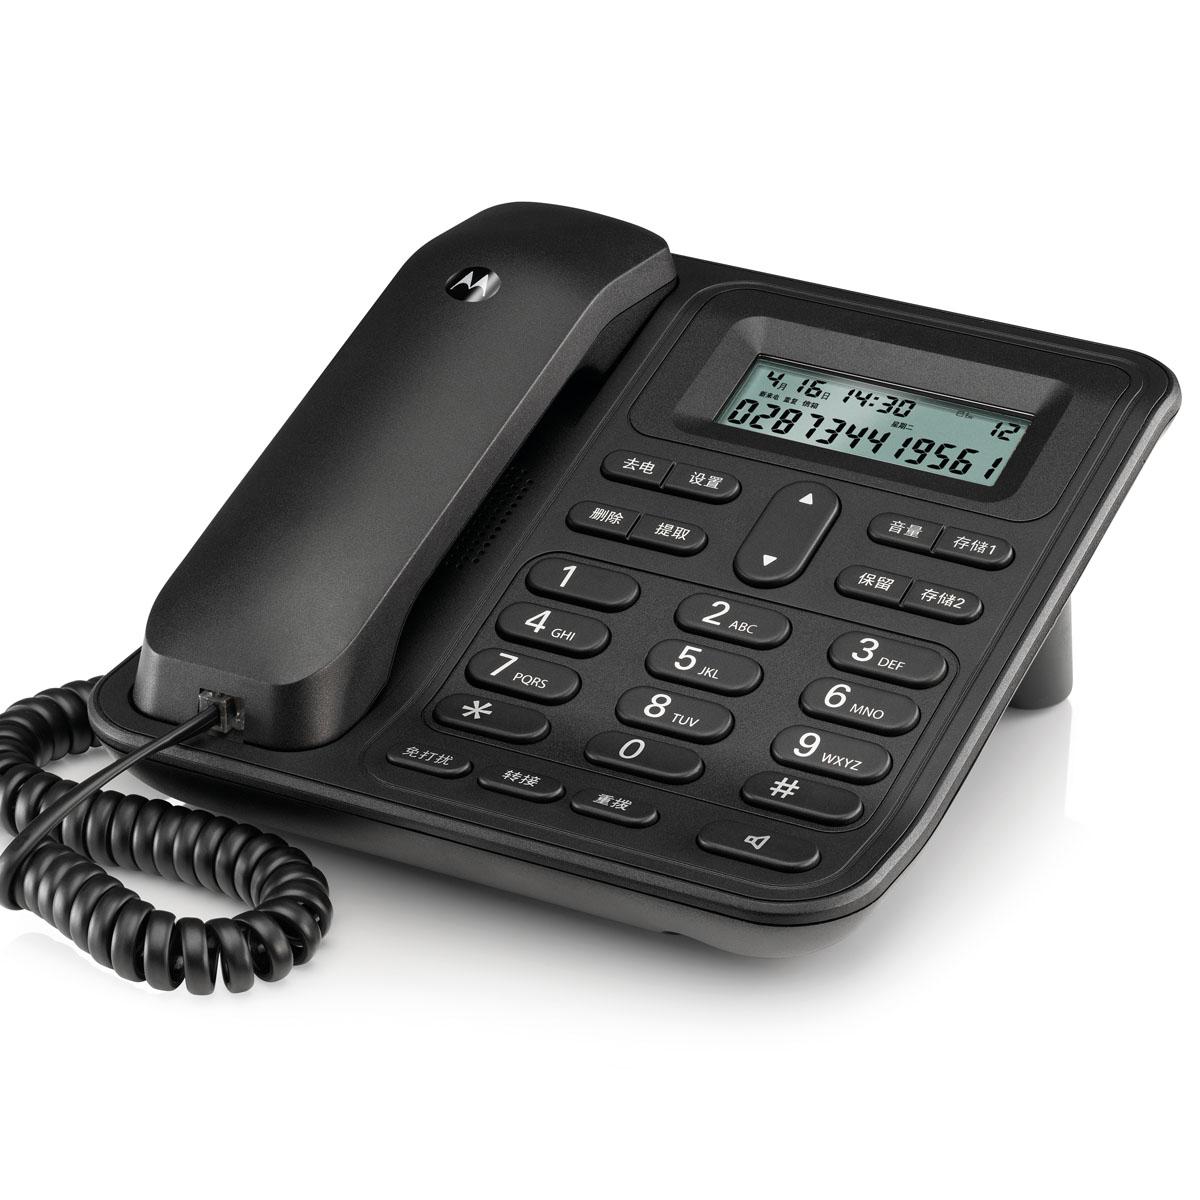 摩托罗拉 CT420C 有线电话机 双接口 黑色 计价单位:台